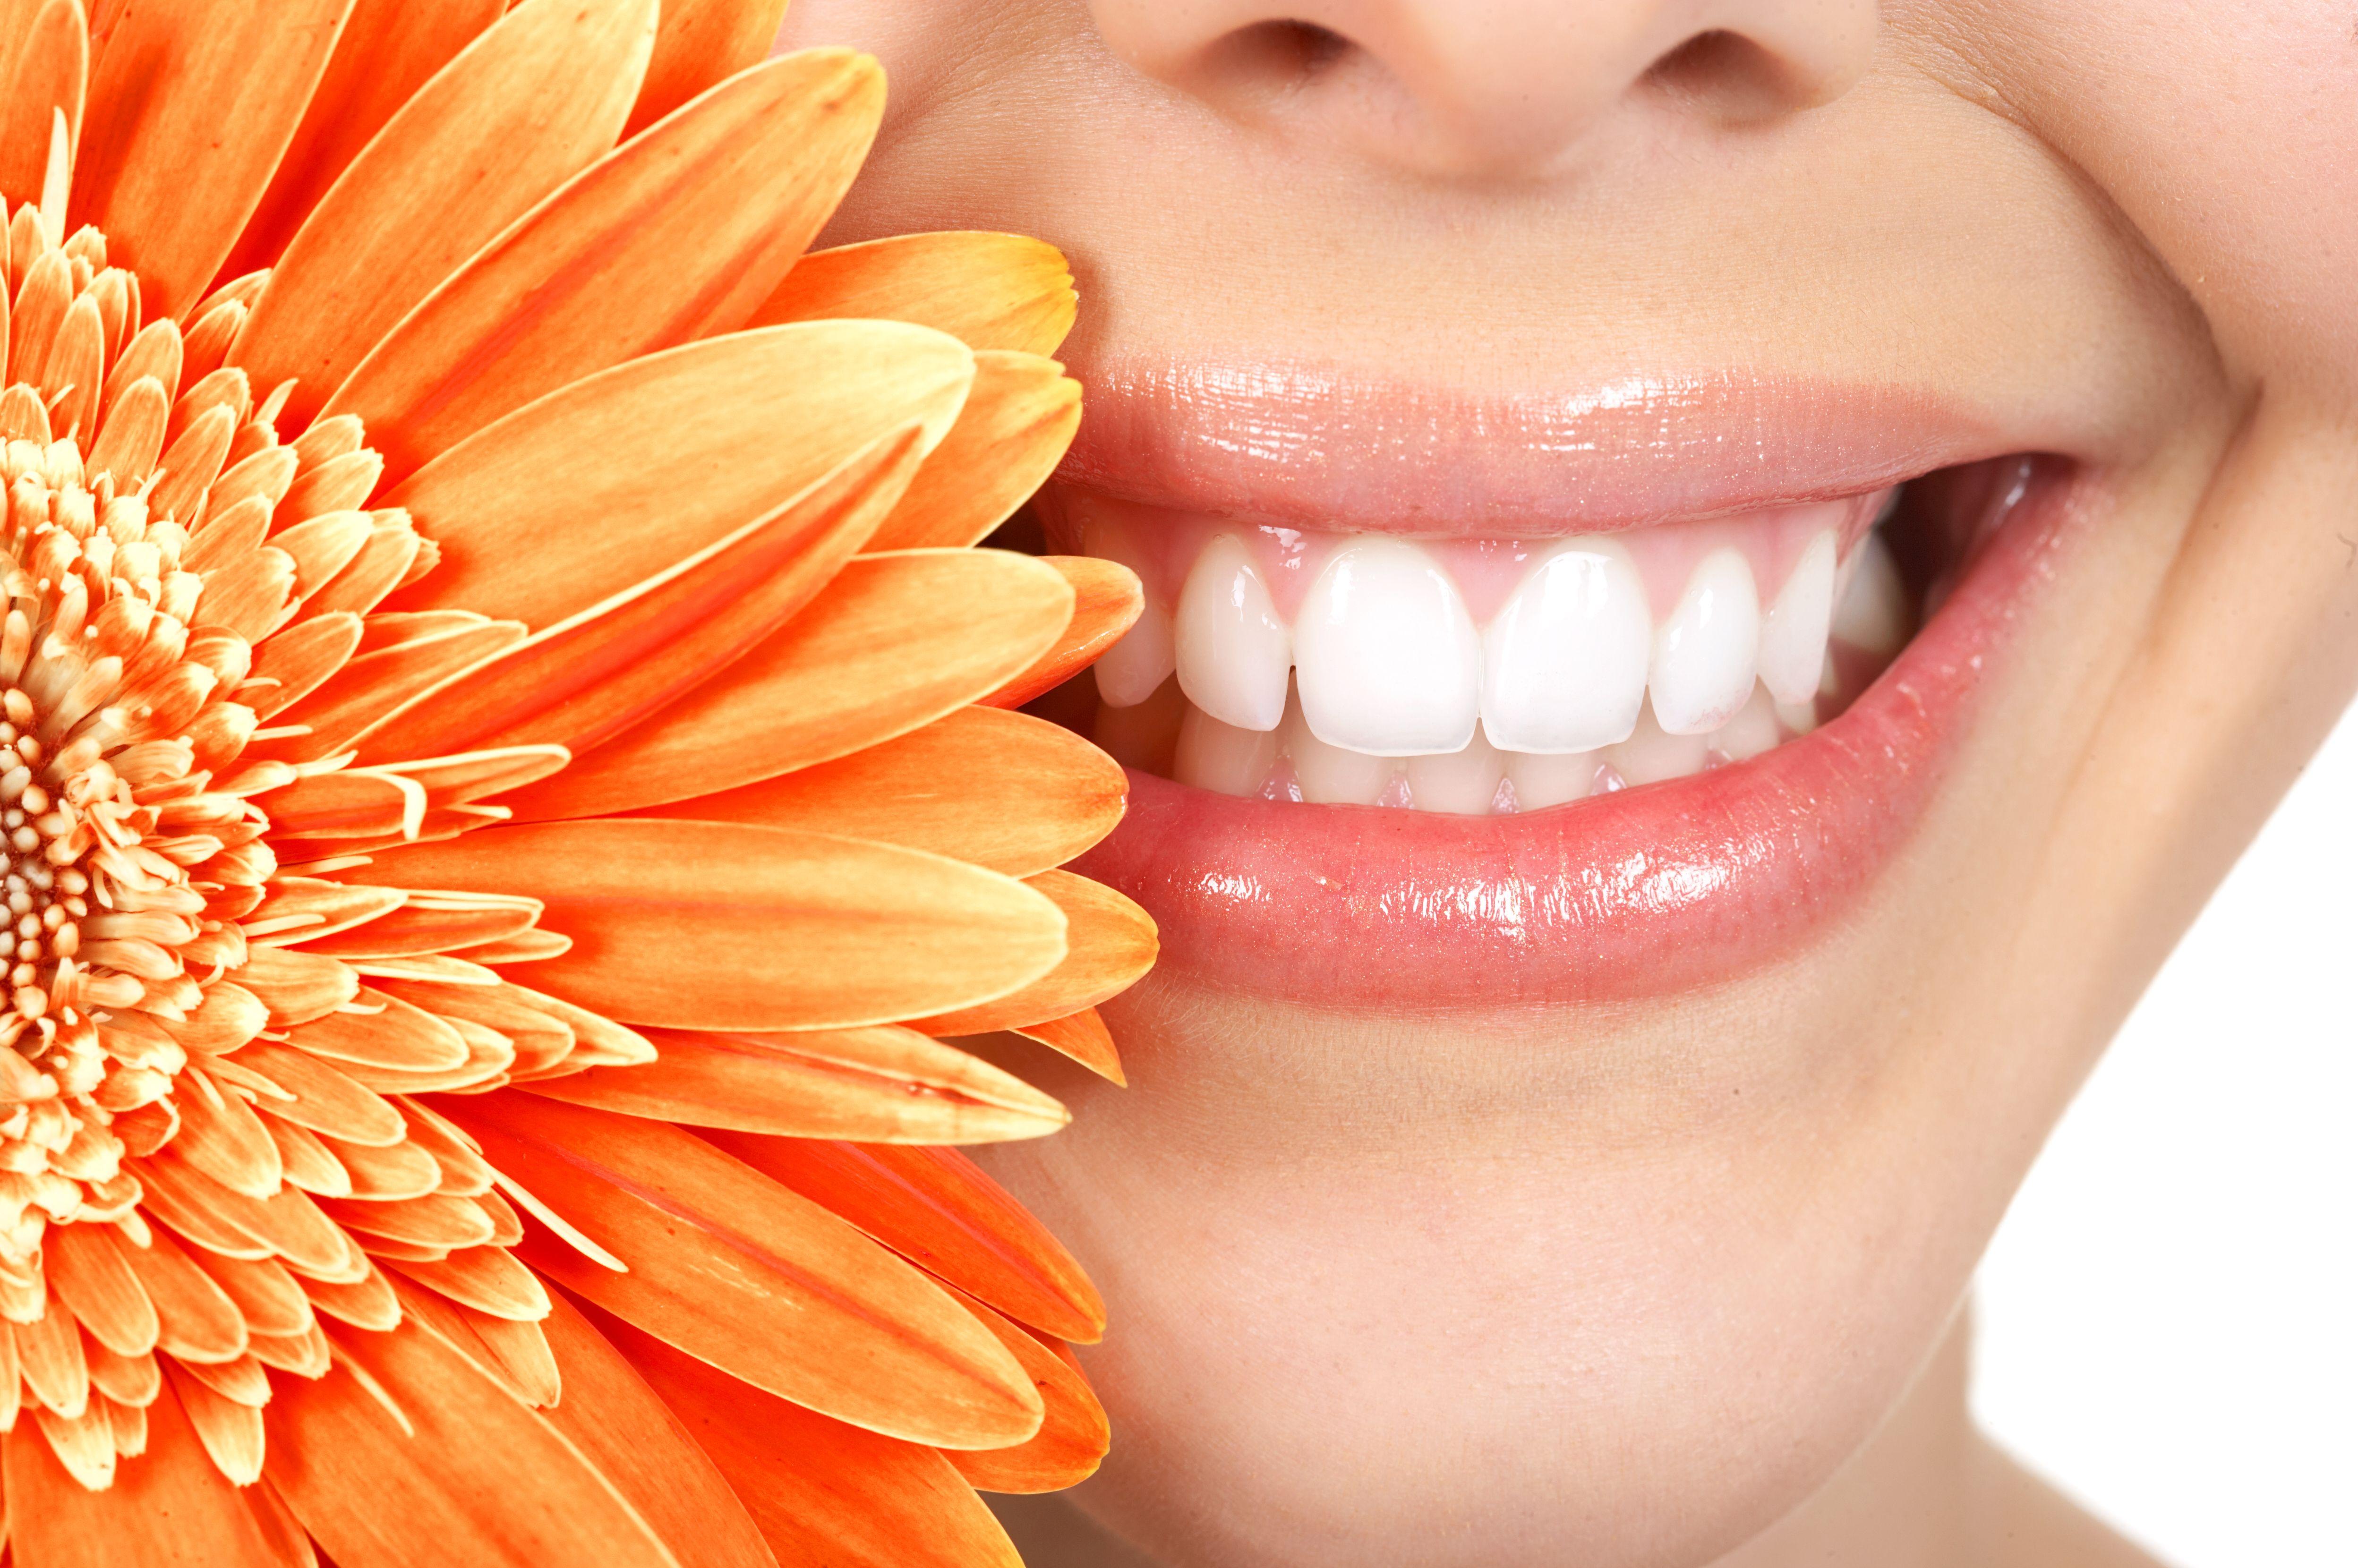 Odontología general para adultos y niños